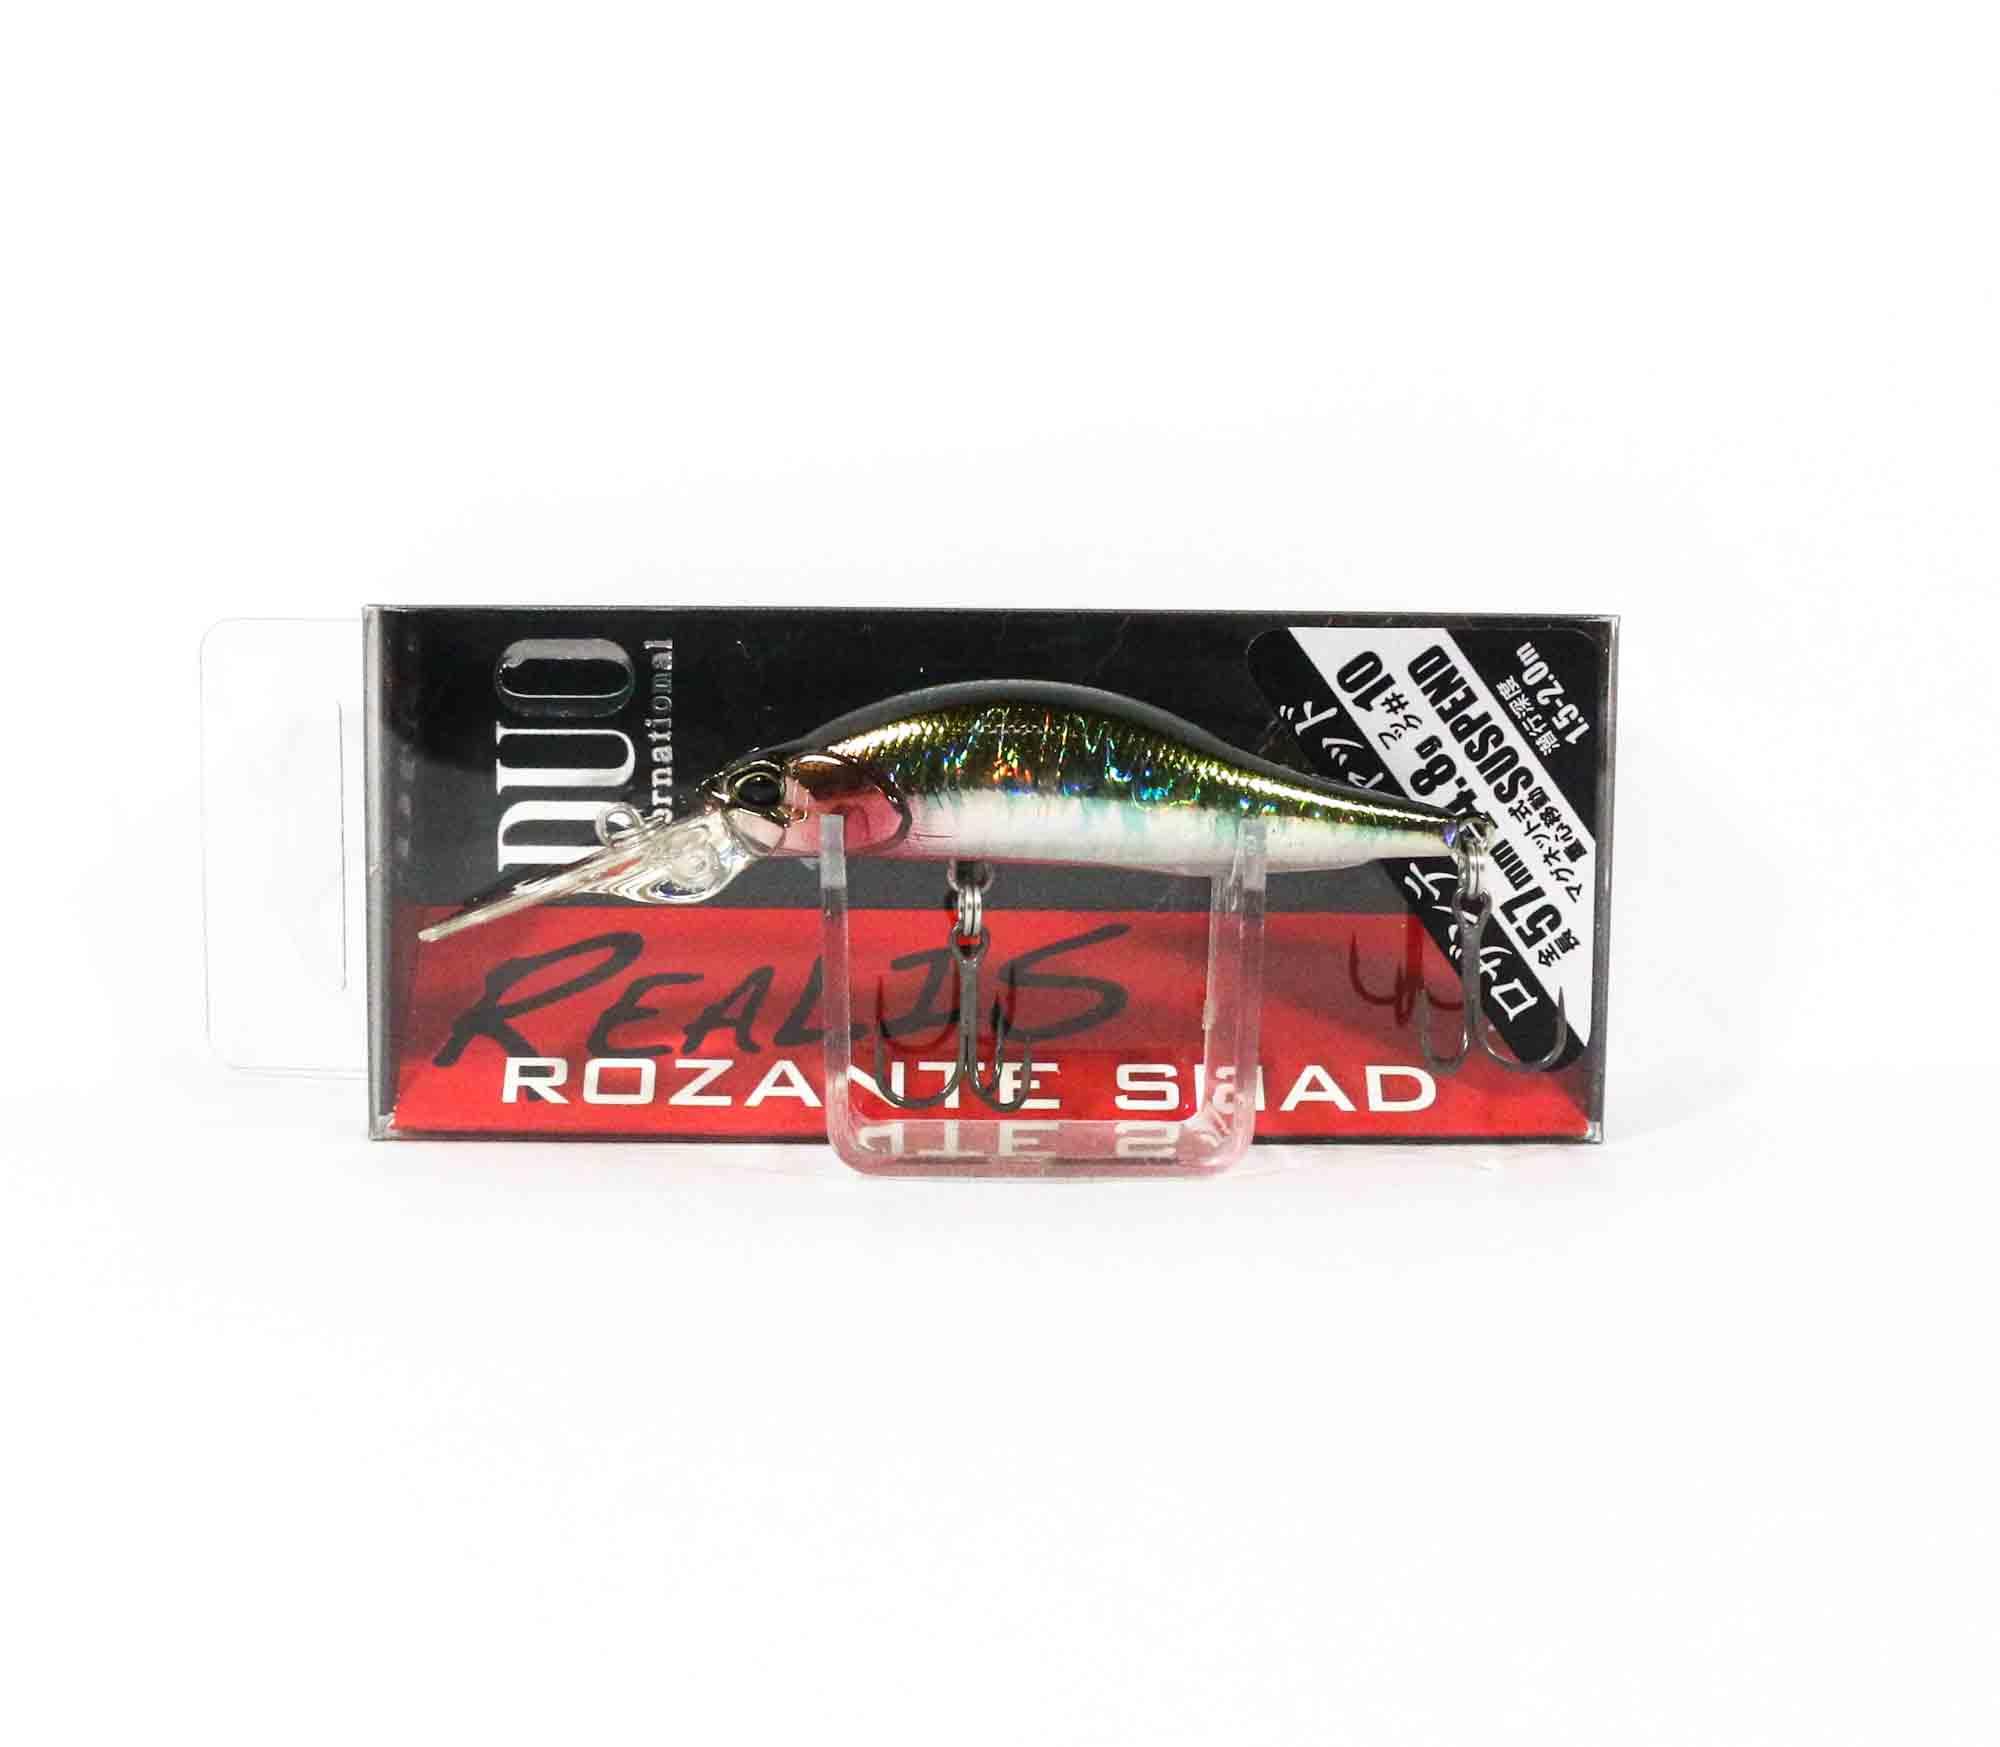 Duo Realis Rozante Shad 57 MR Suspend Lure DPA3504 (0756)